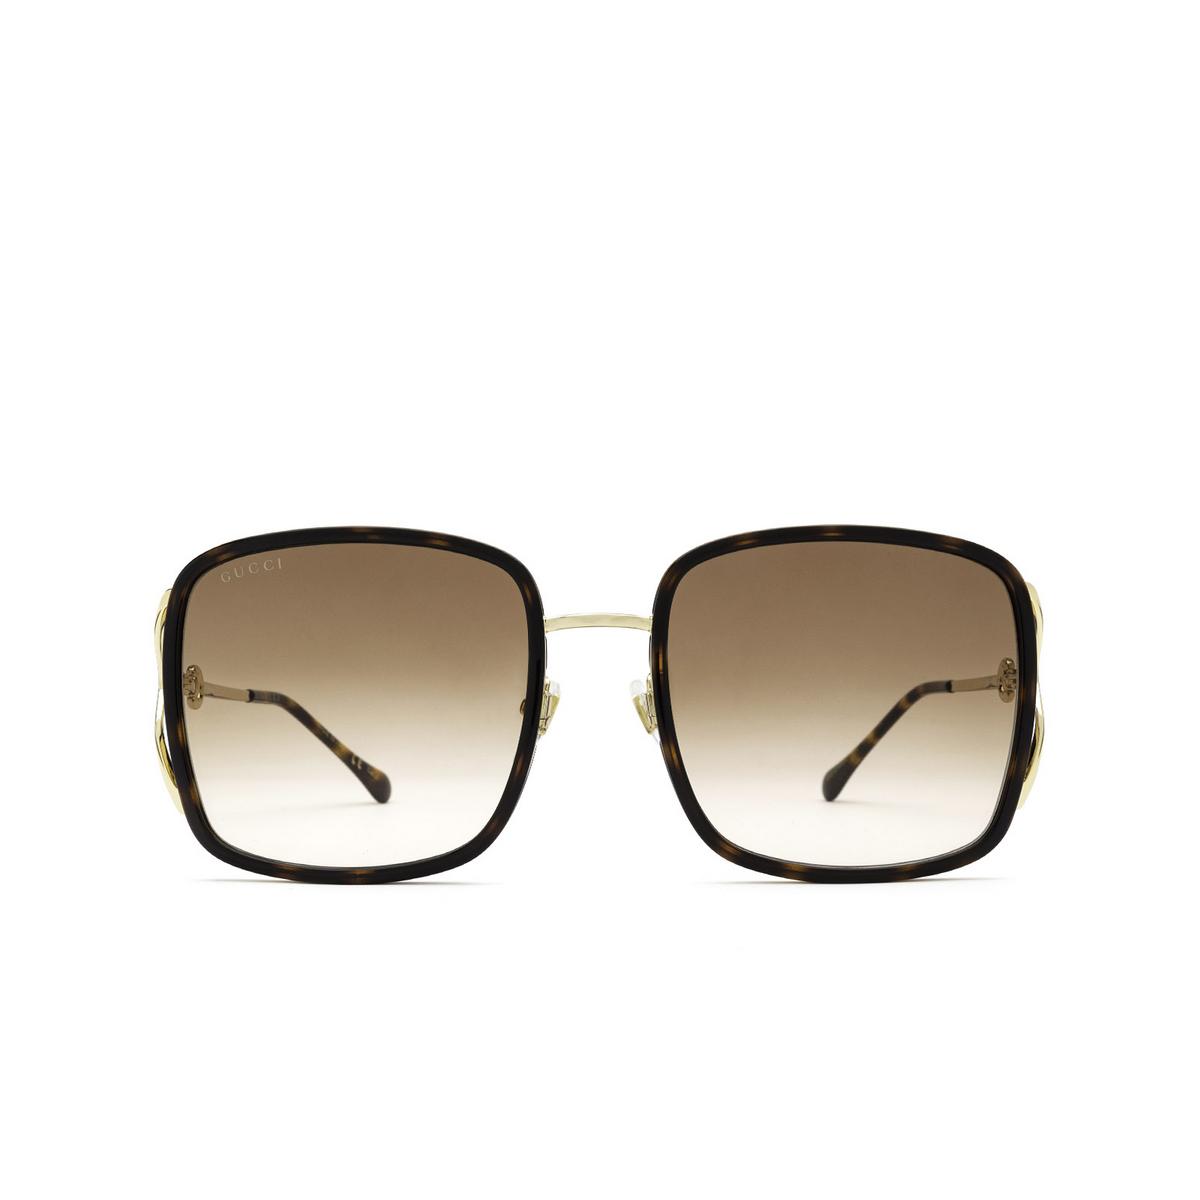 Gucci® Square Sunglasses: GG1016SK color Havana 003 - front view.